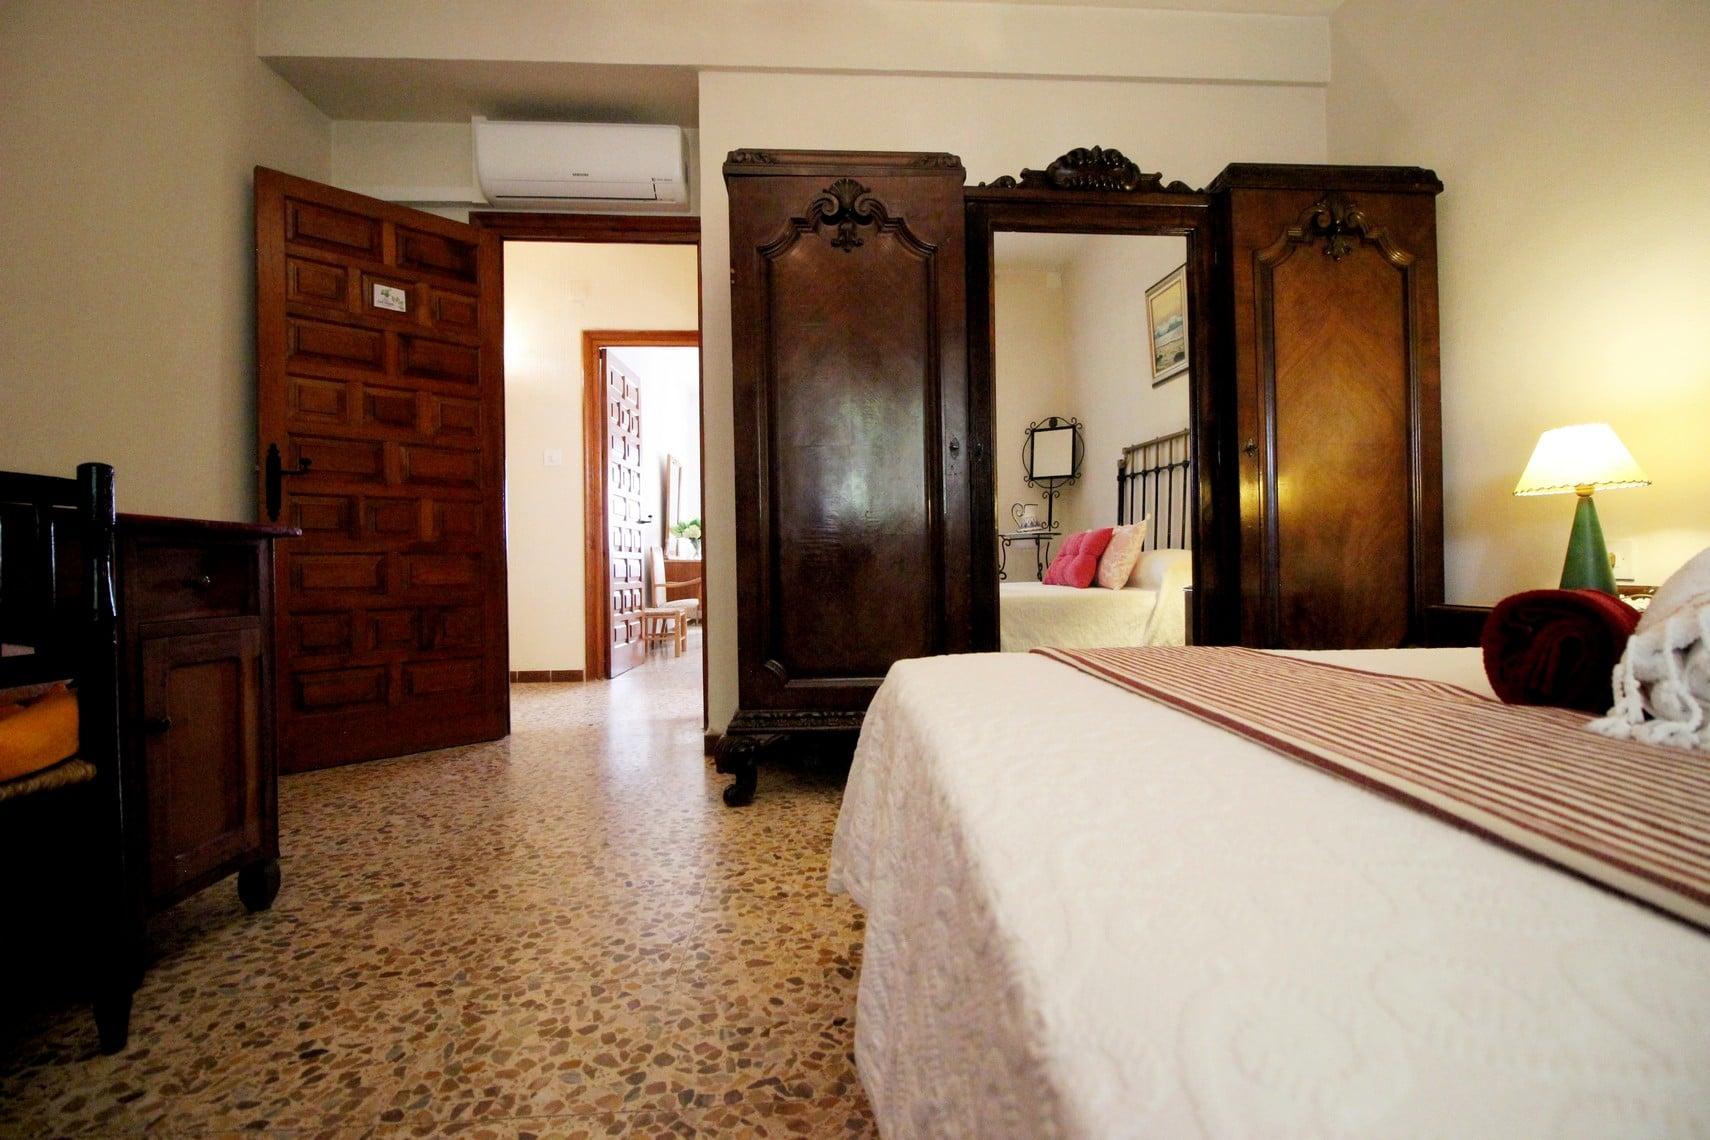 habitación5_las_hazas jarandilla013